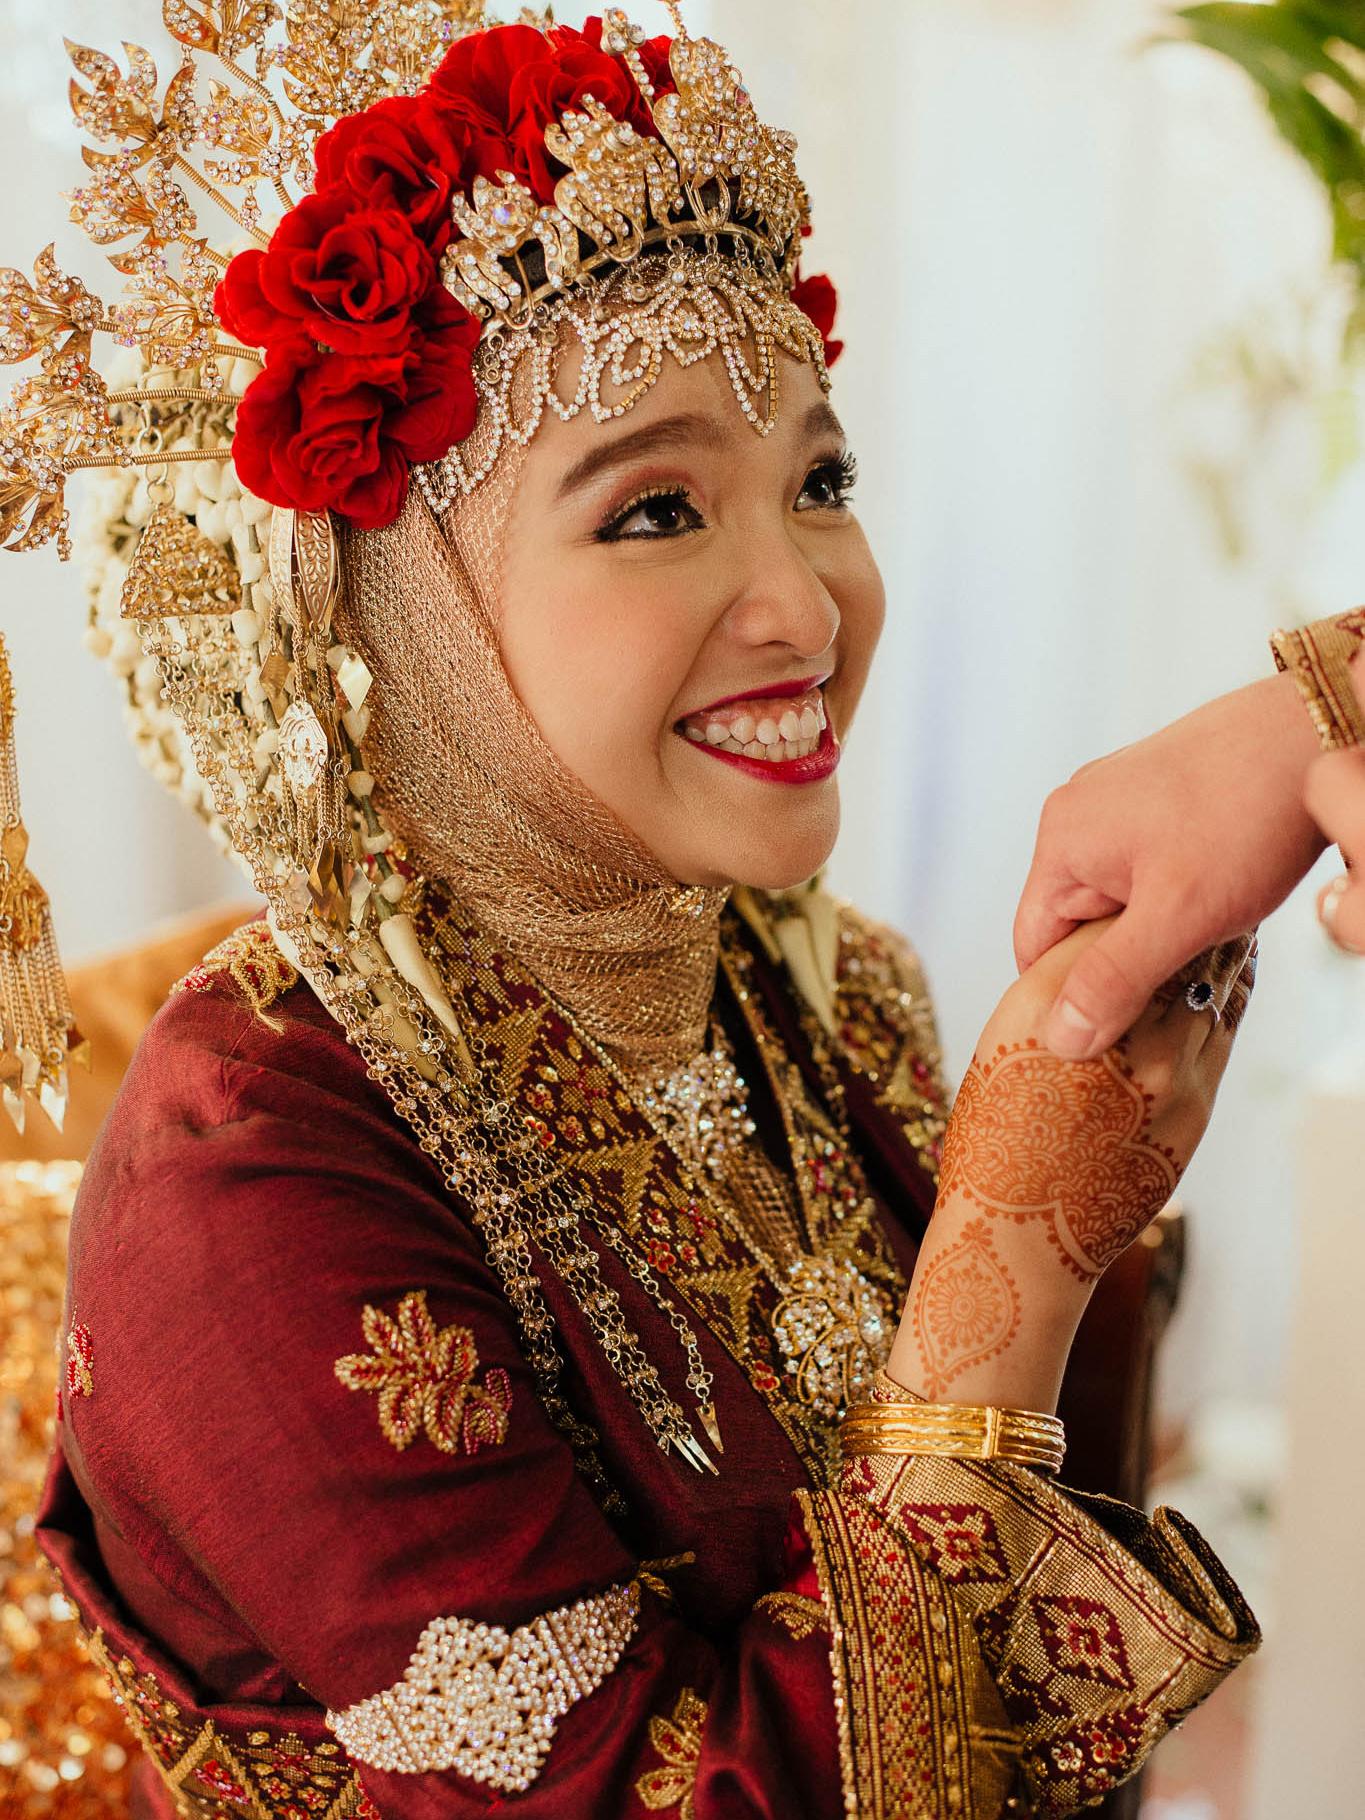 singapore-wedding-photographer-travel-wemadethese-atara-hafizah-53.jpg